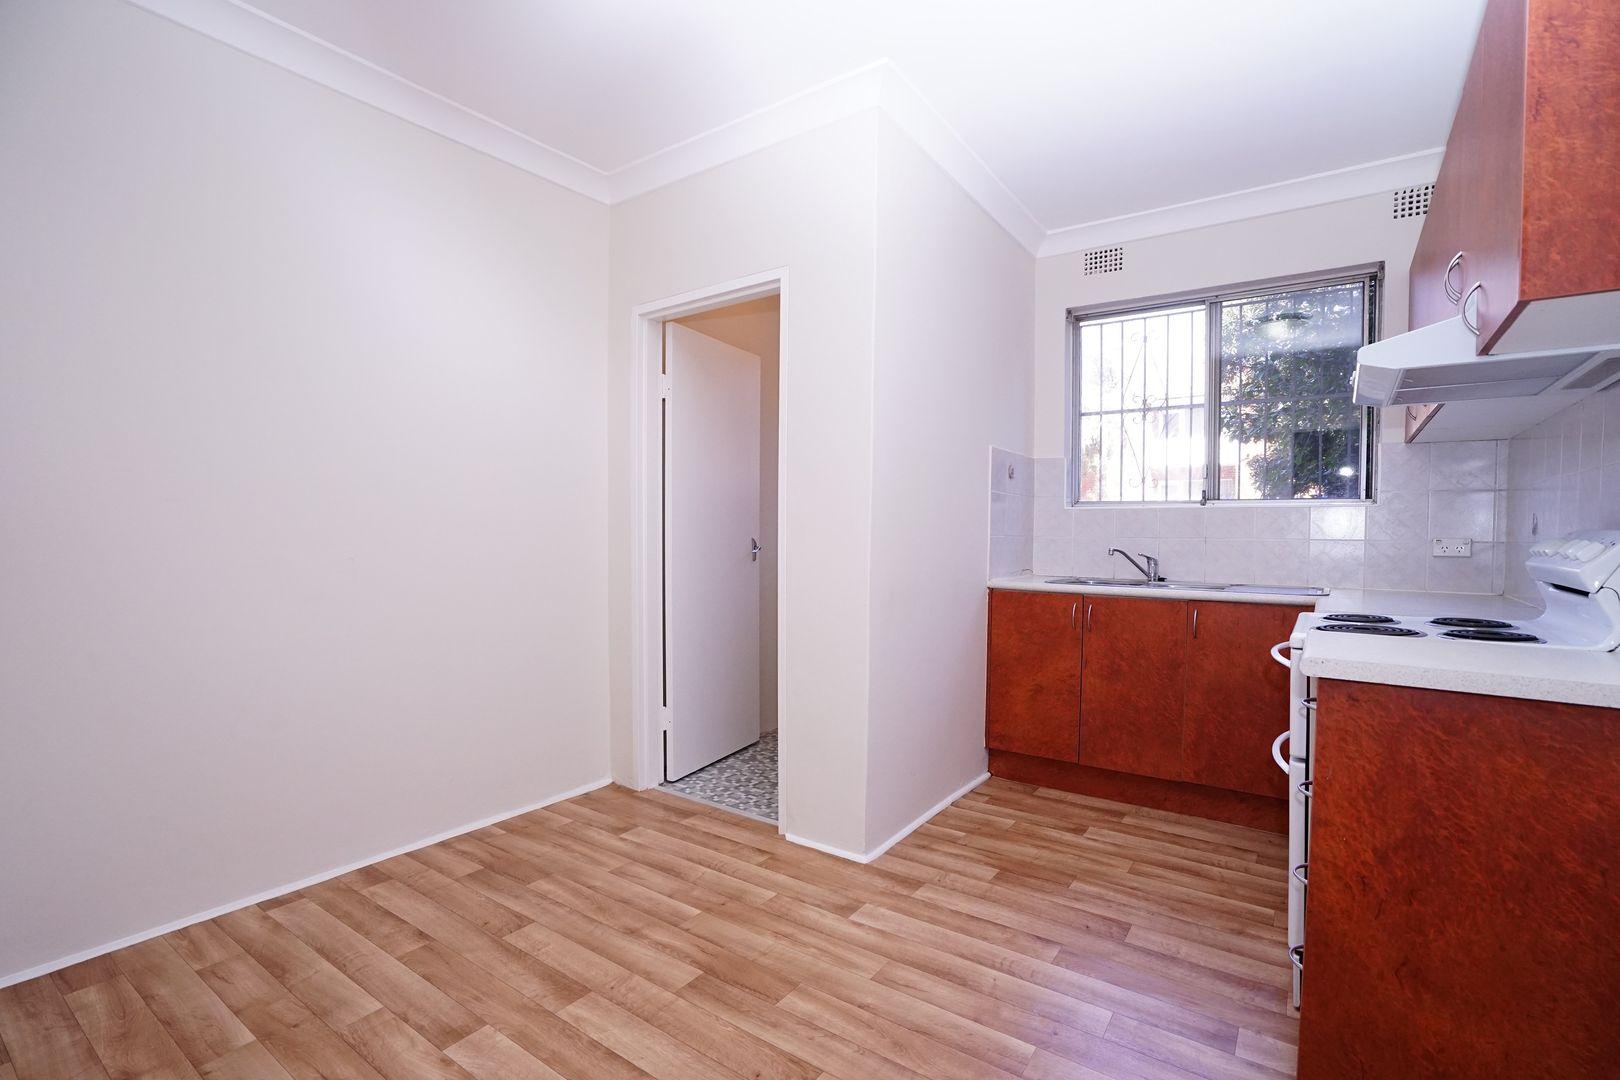 1/24 Mckern Street, Campsie NSW 2194, Image 2